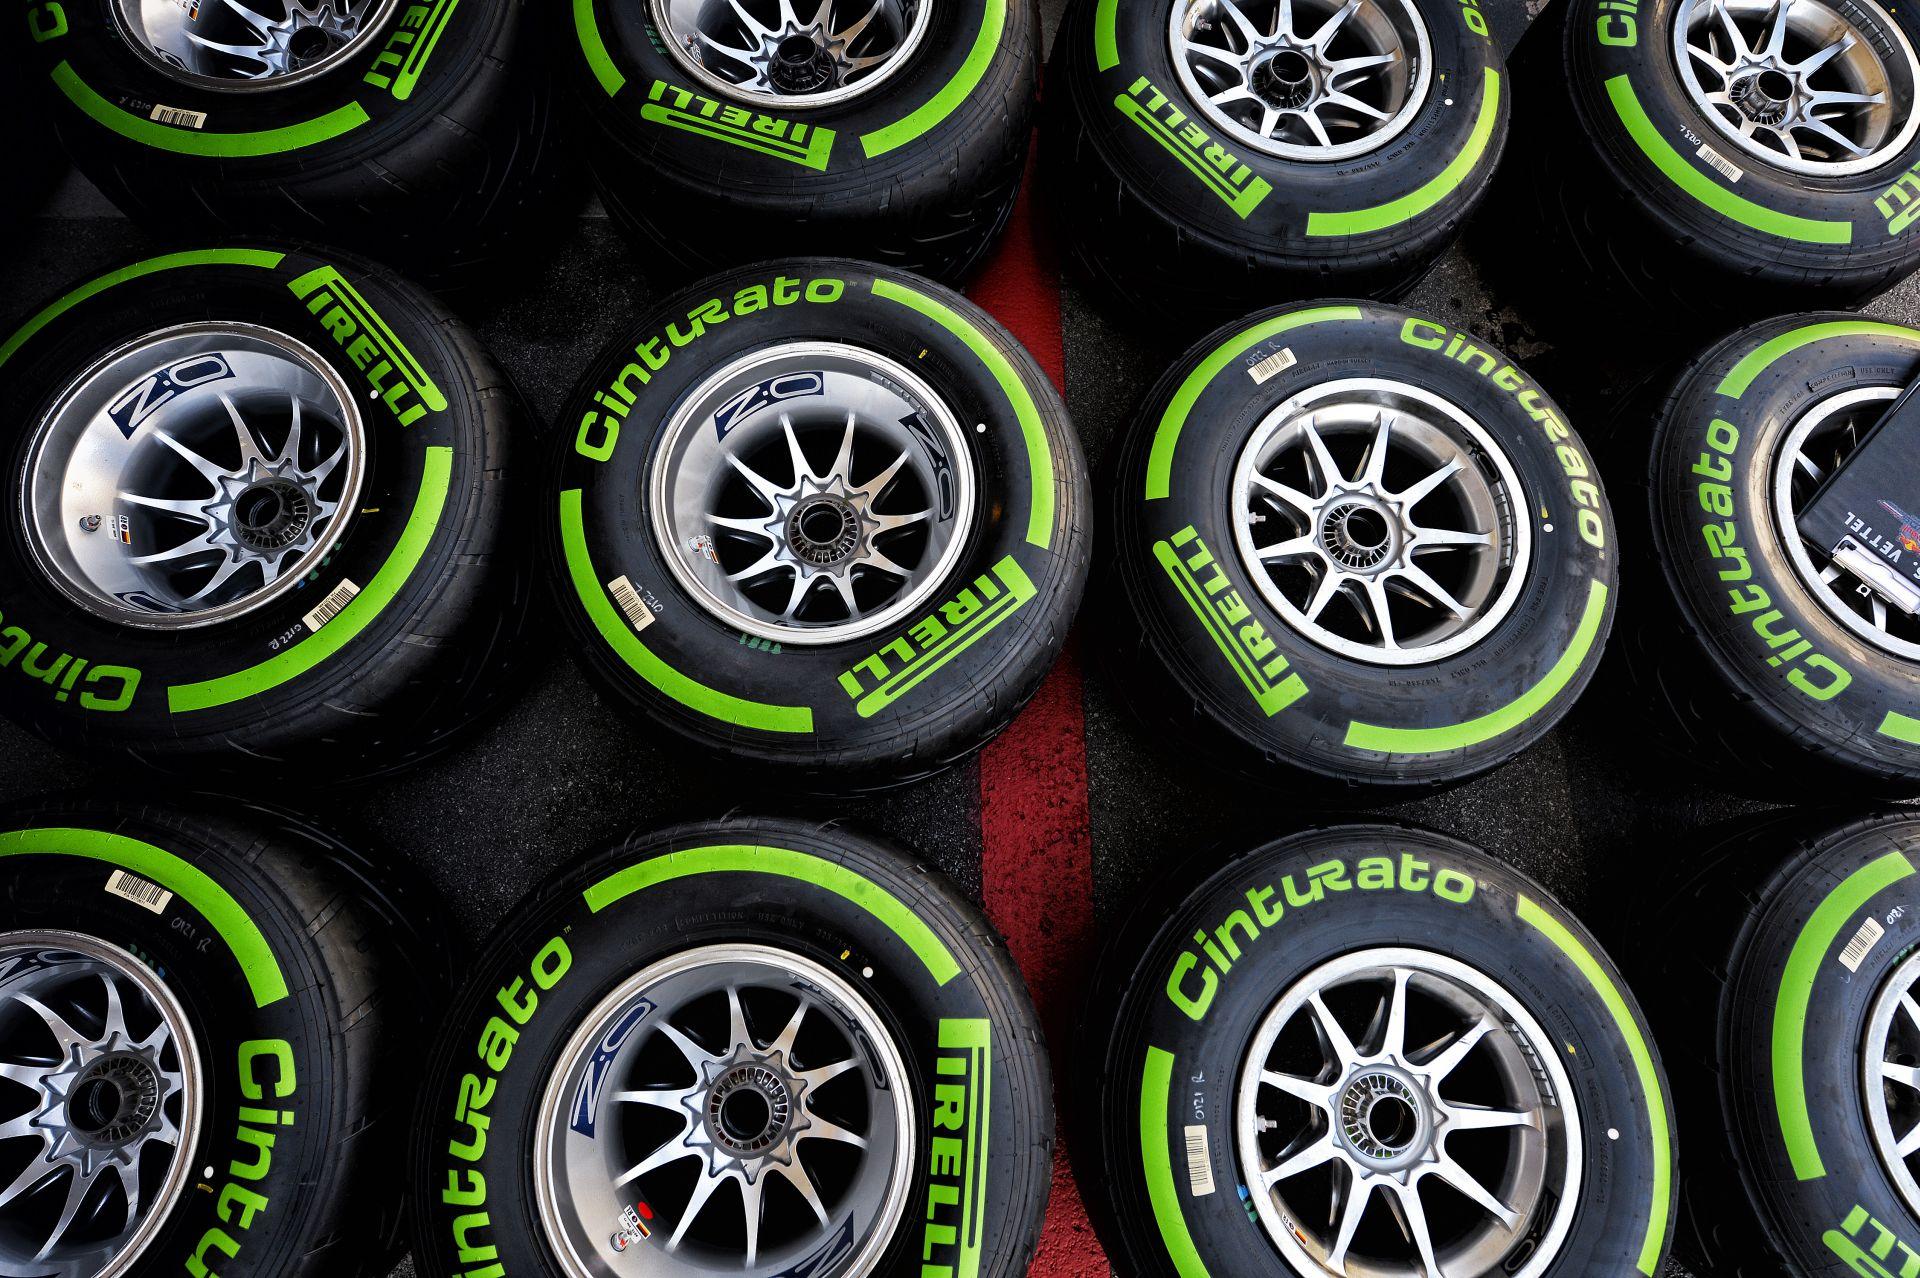 Körönként akár 3 másodperccel is gyorsabb lehet az idei F1 a tavalyinál: Nagyon nagy ugrás várható!